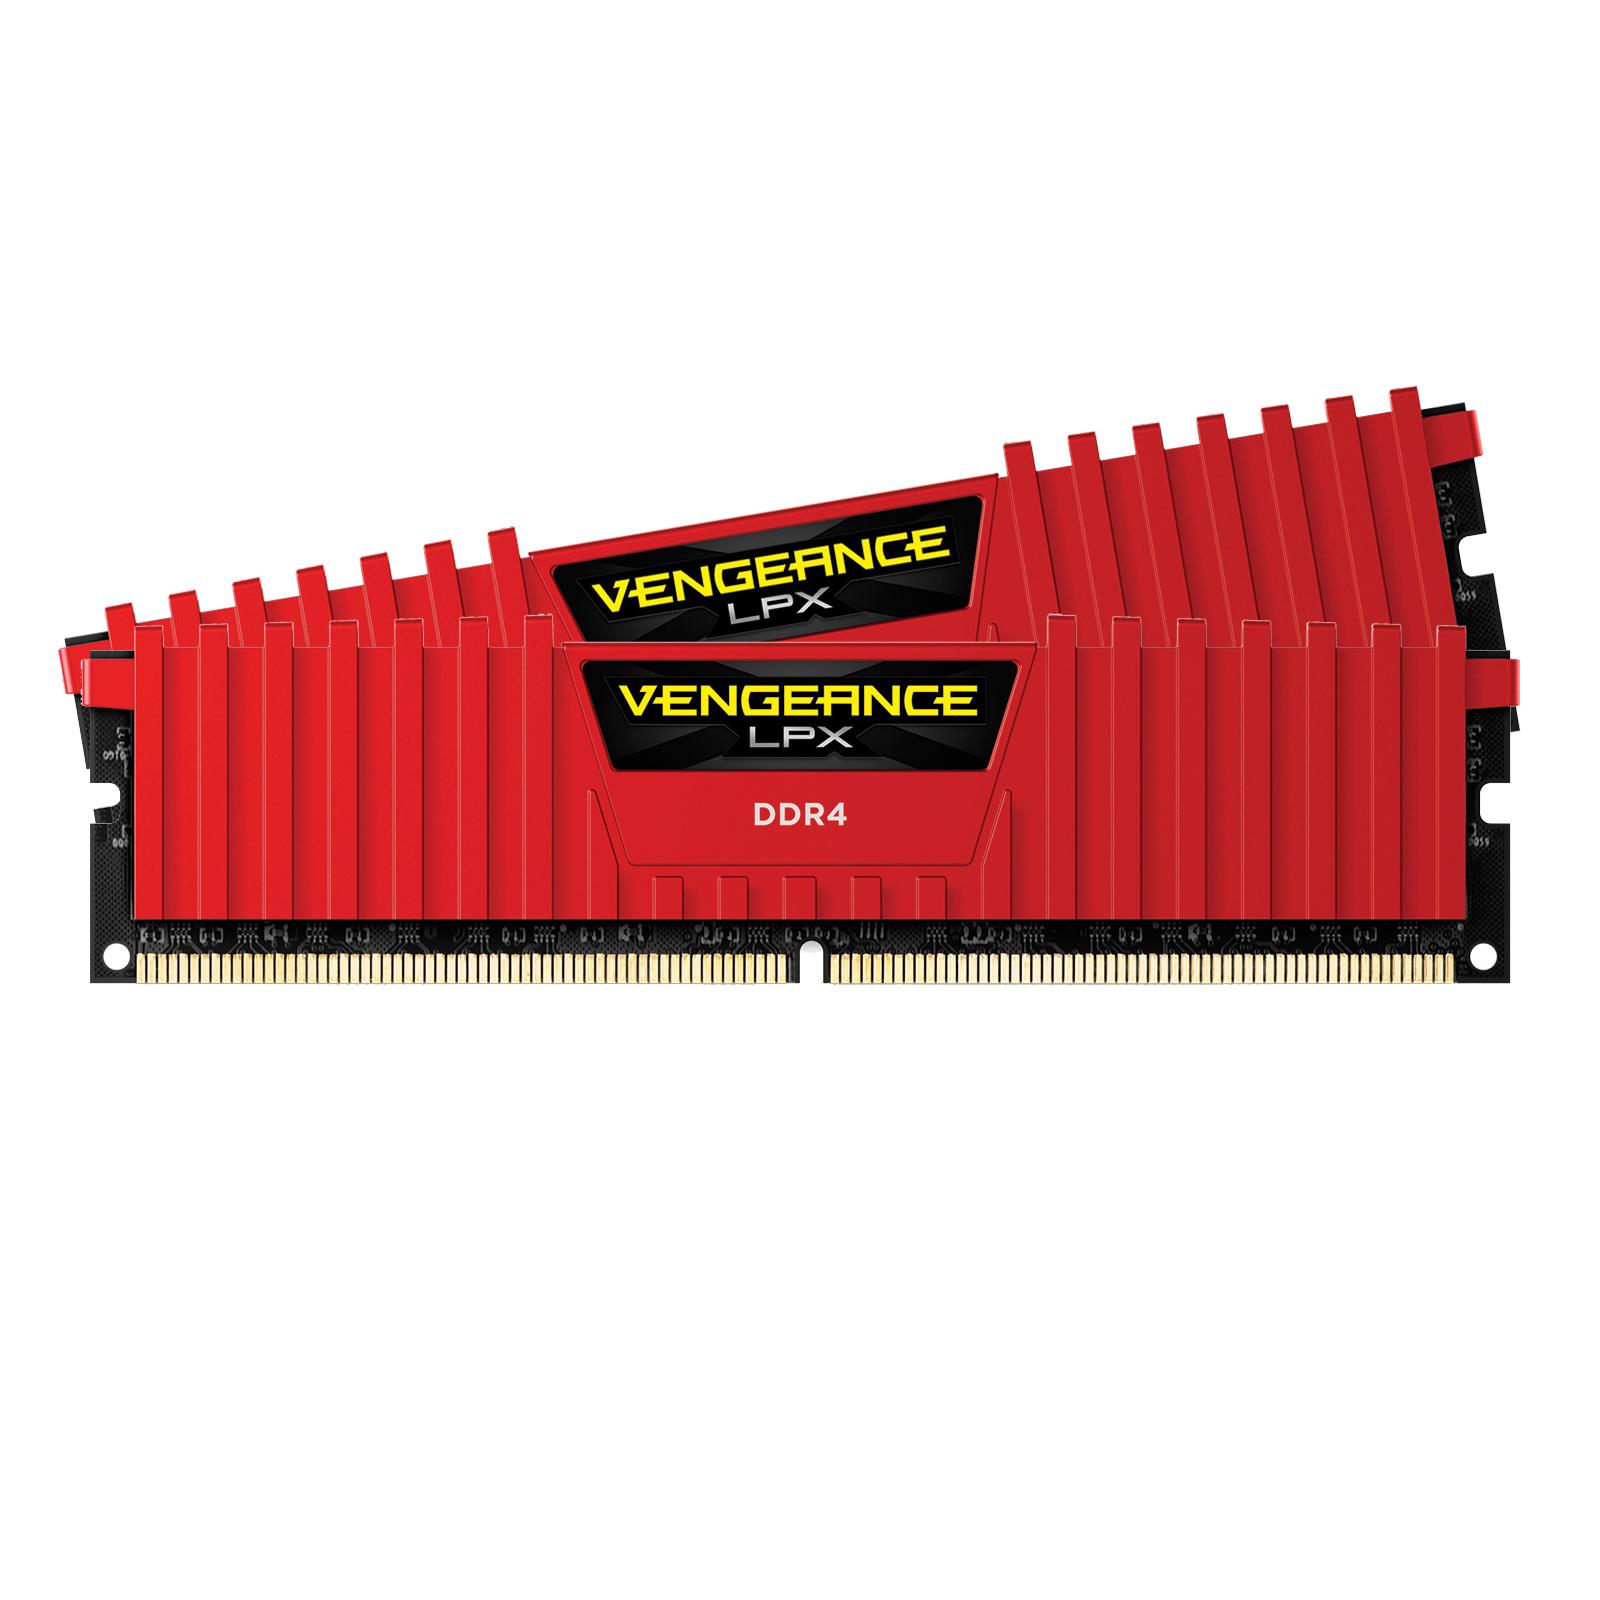 Mémoire PC Corsair Vengeance LPX Series Low Profile 8 Go (2x 4 Go) DDR4 2133 MHz CL13 Kit Dual Channel 2 barrettes de RAM DDR4 PC4-17000 - CMK8GX4M2A2133C13R (garantie à vie par Corsair)